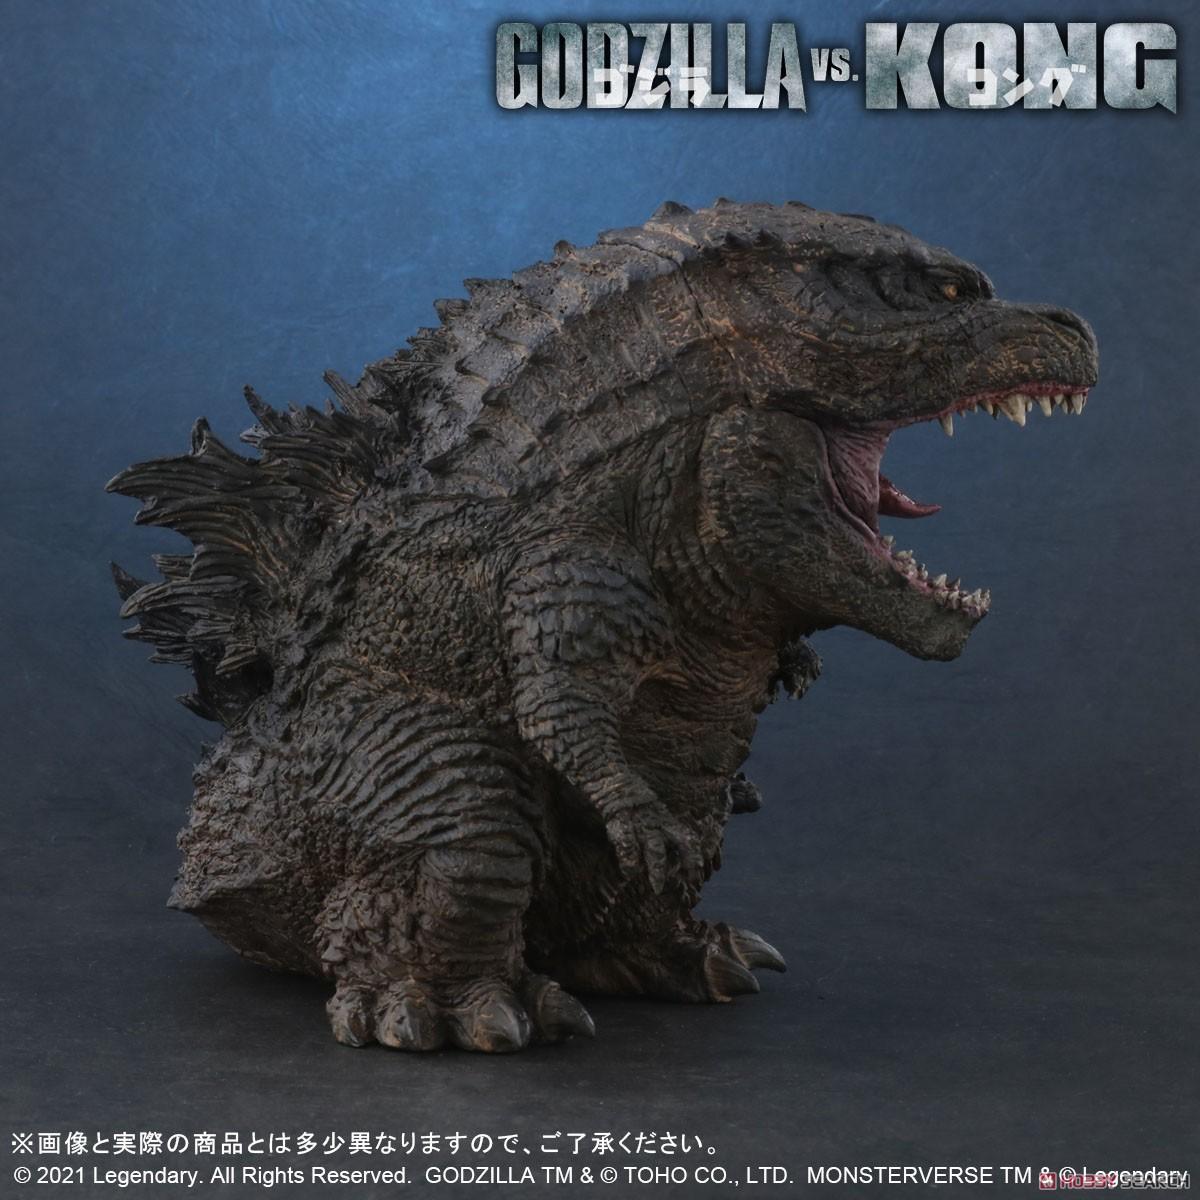 デフォリアル『GODZILLA FROM GODZILLA VS. KONG(2021)』ゴジラvsコング デフォルメ完成品フィギュア-002